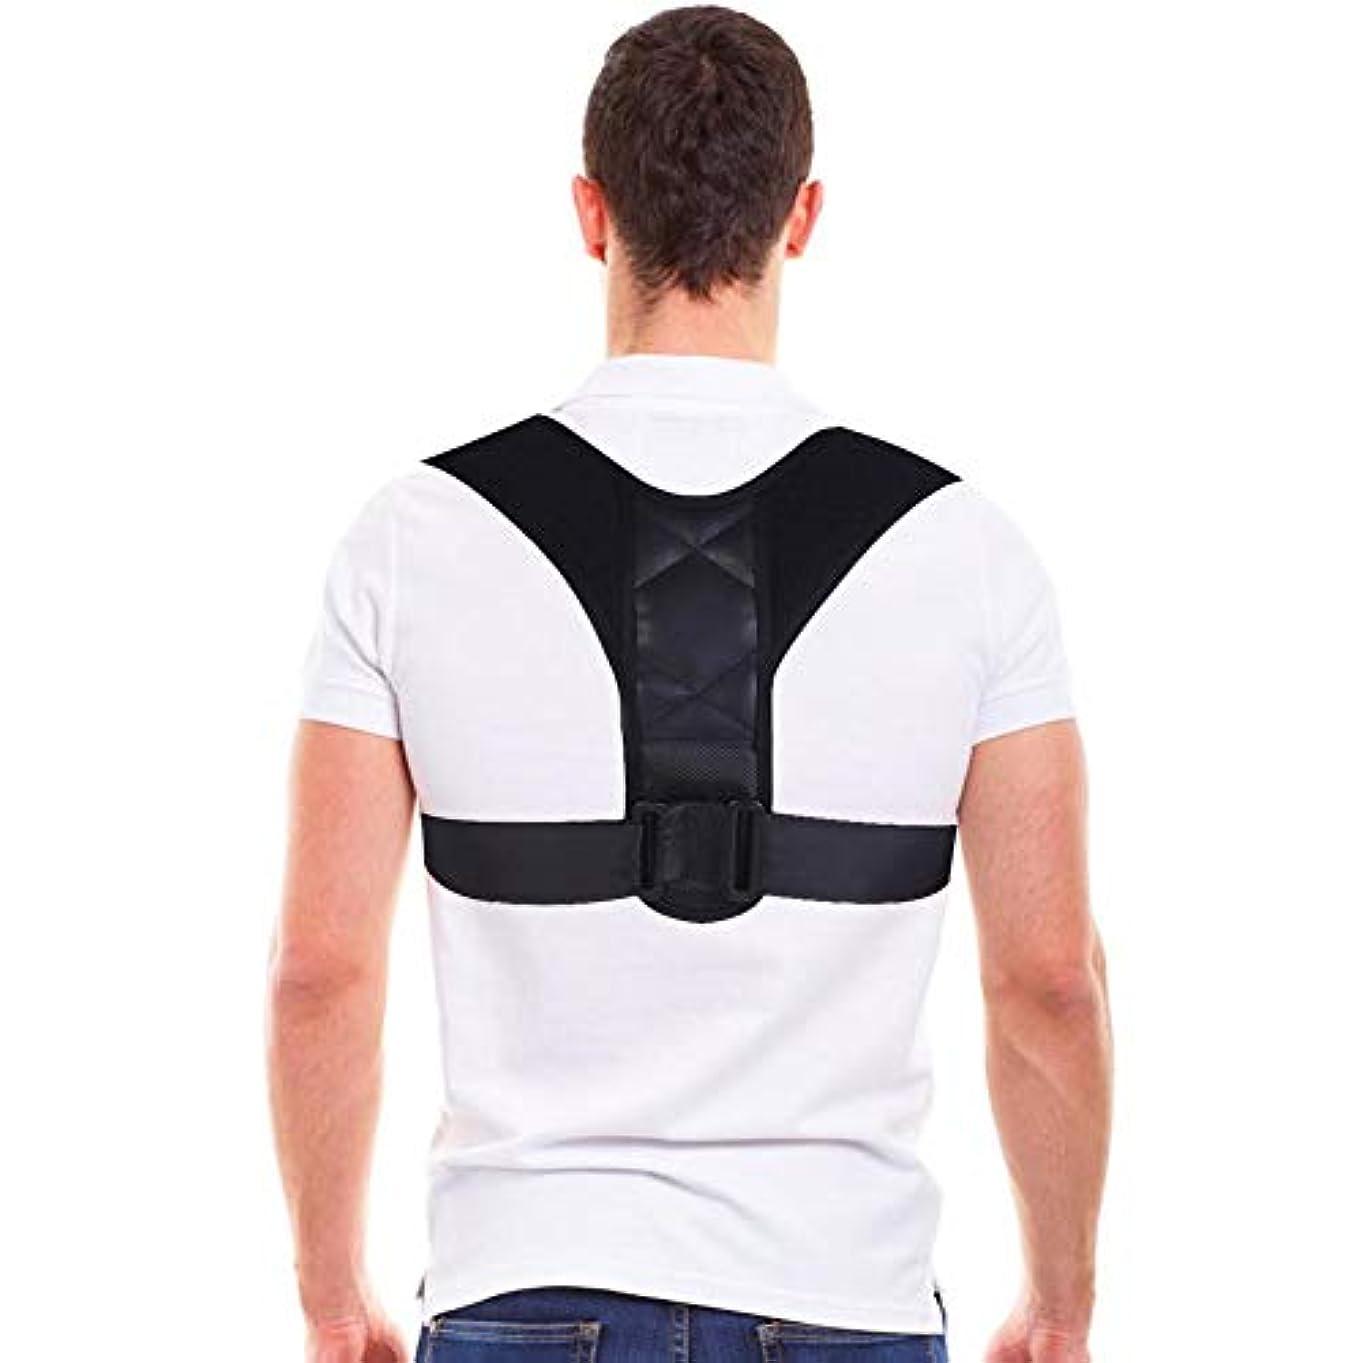 掻くネイティブいいねコレクター姿勢バックサポートベルト、8字型デザインの調節可能な鎖骨装具バンド、男性と女性の姿勢、腰痛予防、腰痛予防